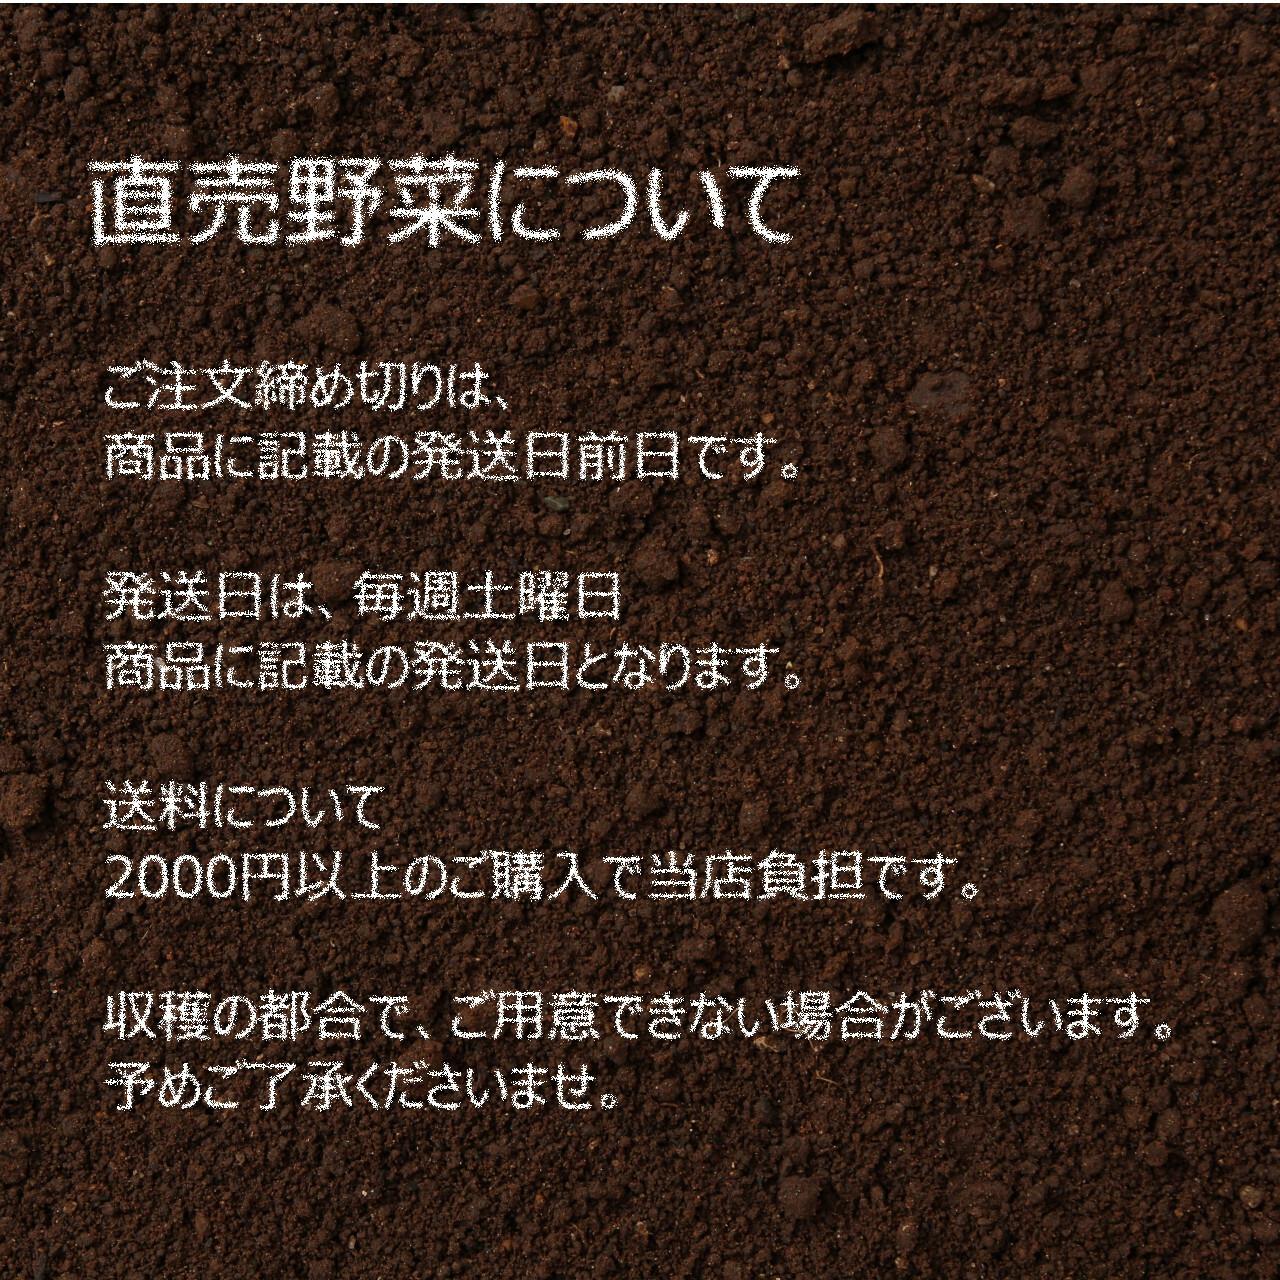 9月の朝採り直売野菜 : 春菊 約300g 新鮮な秋野菜 9月28日発送予定